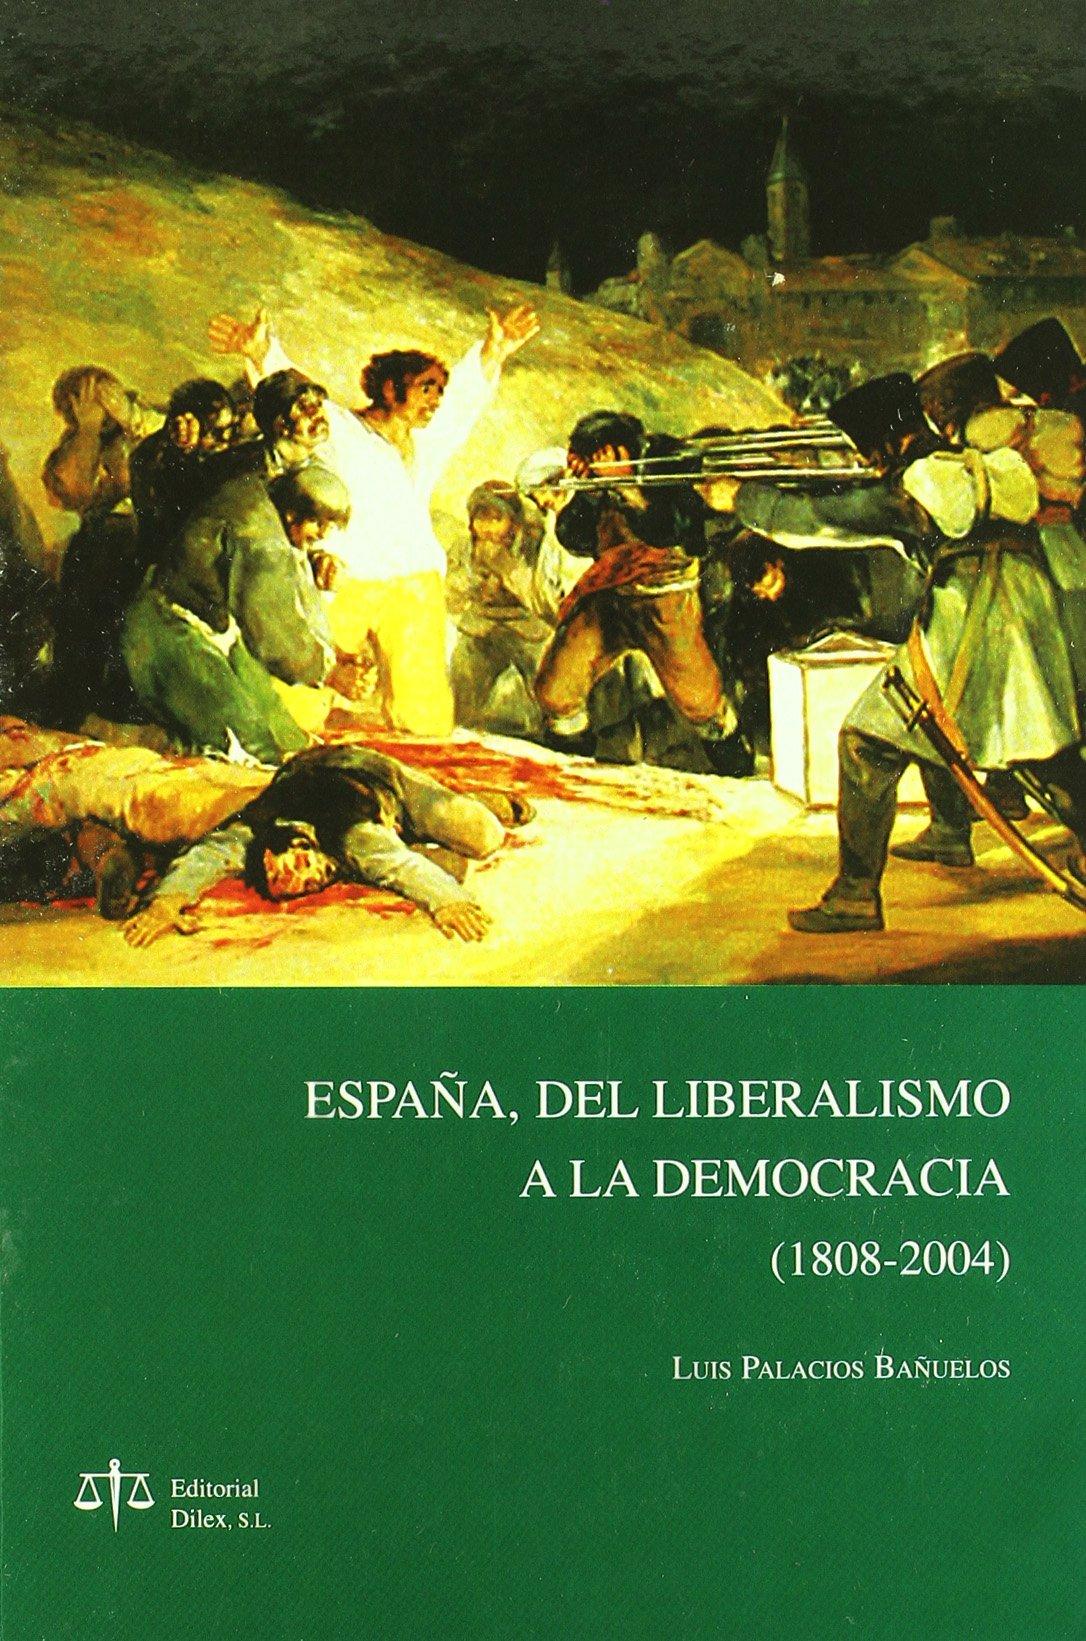 España, del liberalismo a la democracia (1808-2004): Amazon.es: Palacios Bañuelos, Luis: Libros